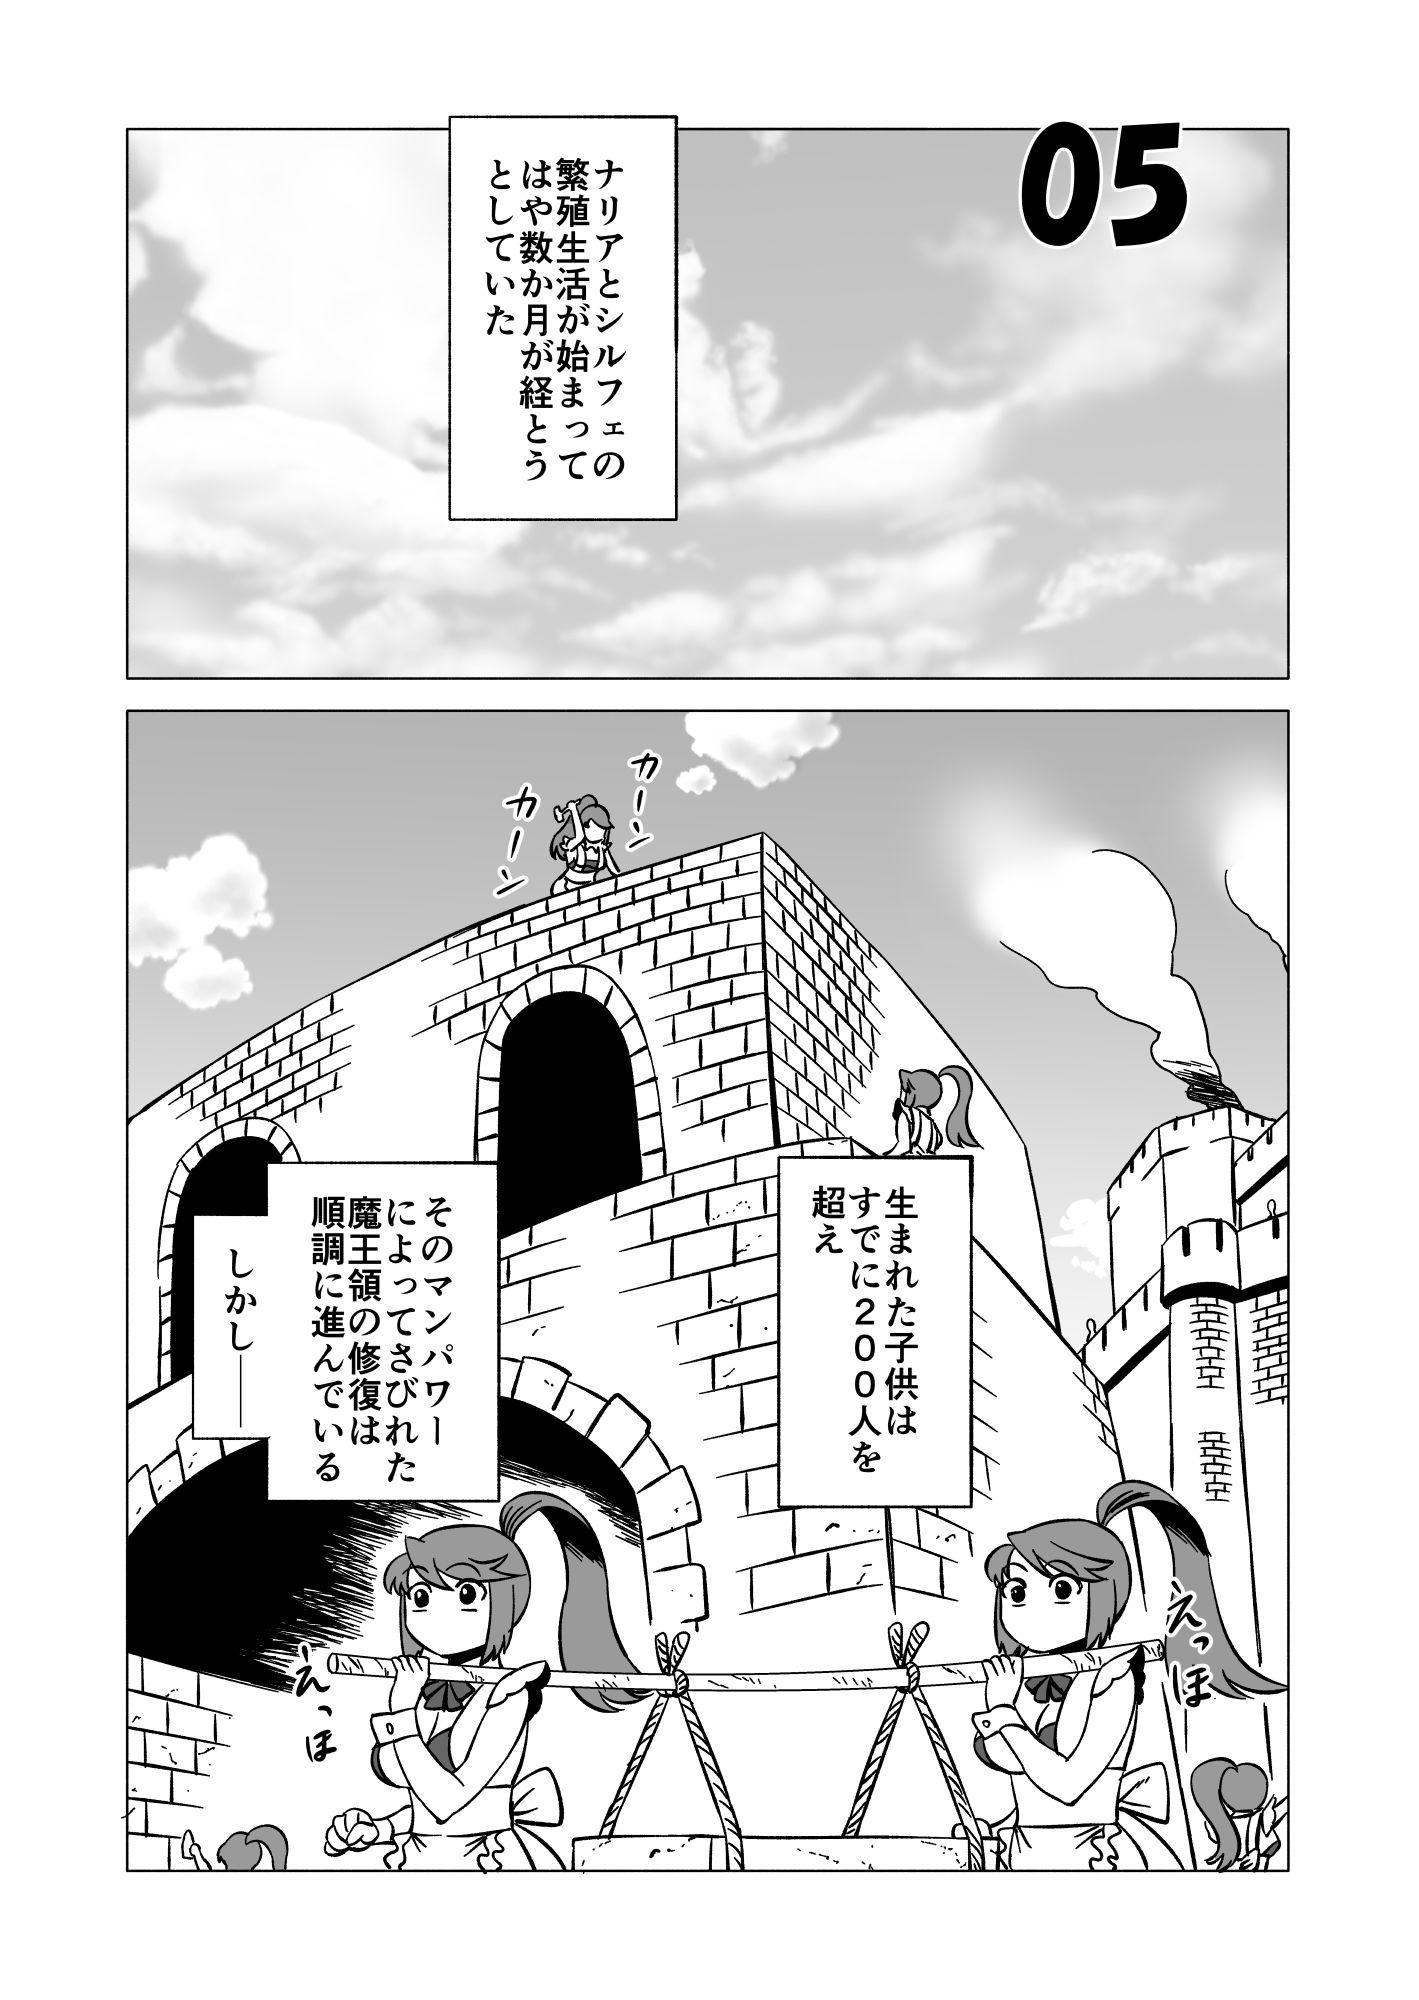 魔王様の繁殖記 3(松田シン) [d_174755] 1